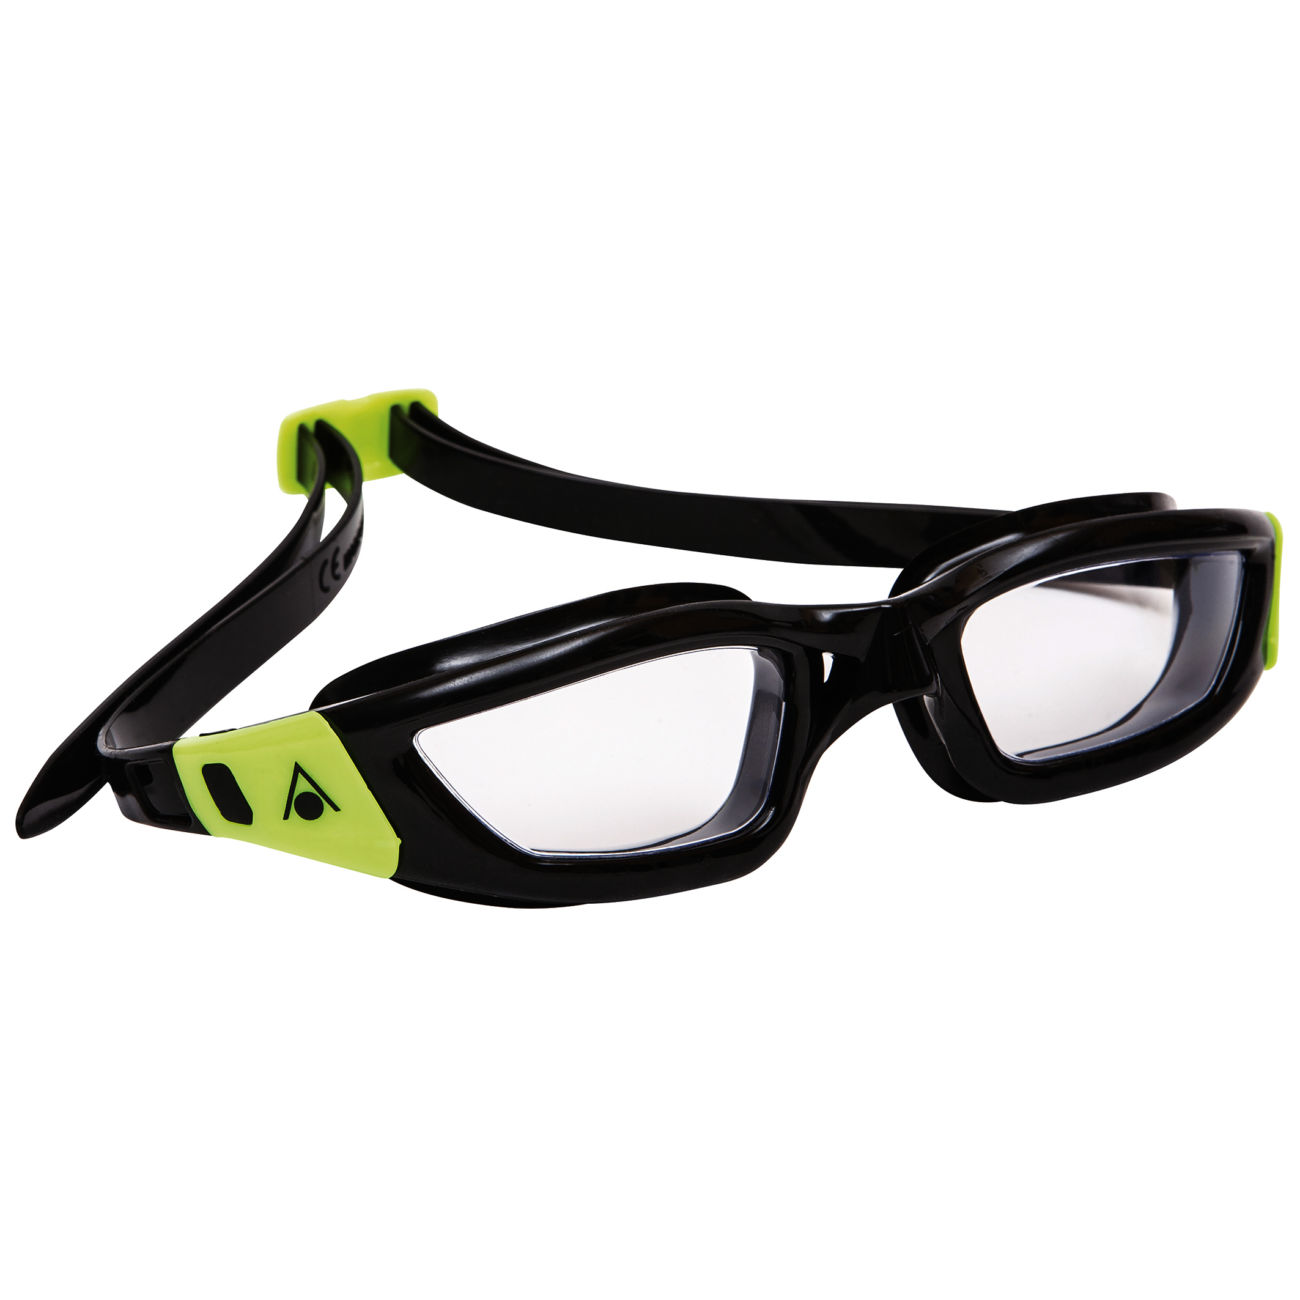 177ab27842 Kamaleon, la nueva apuesta de Aqua Sphere para natación, son unas gafas  dirigidas a los nadadores masculinos que ofrecen una vista panorámica y que  incluyen ...